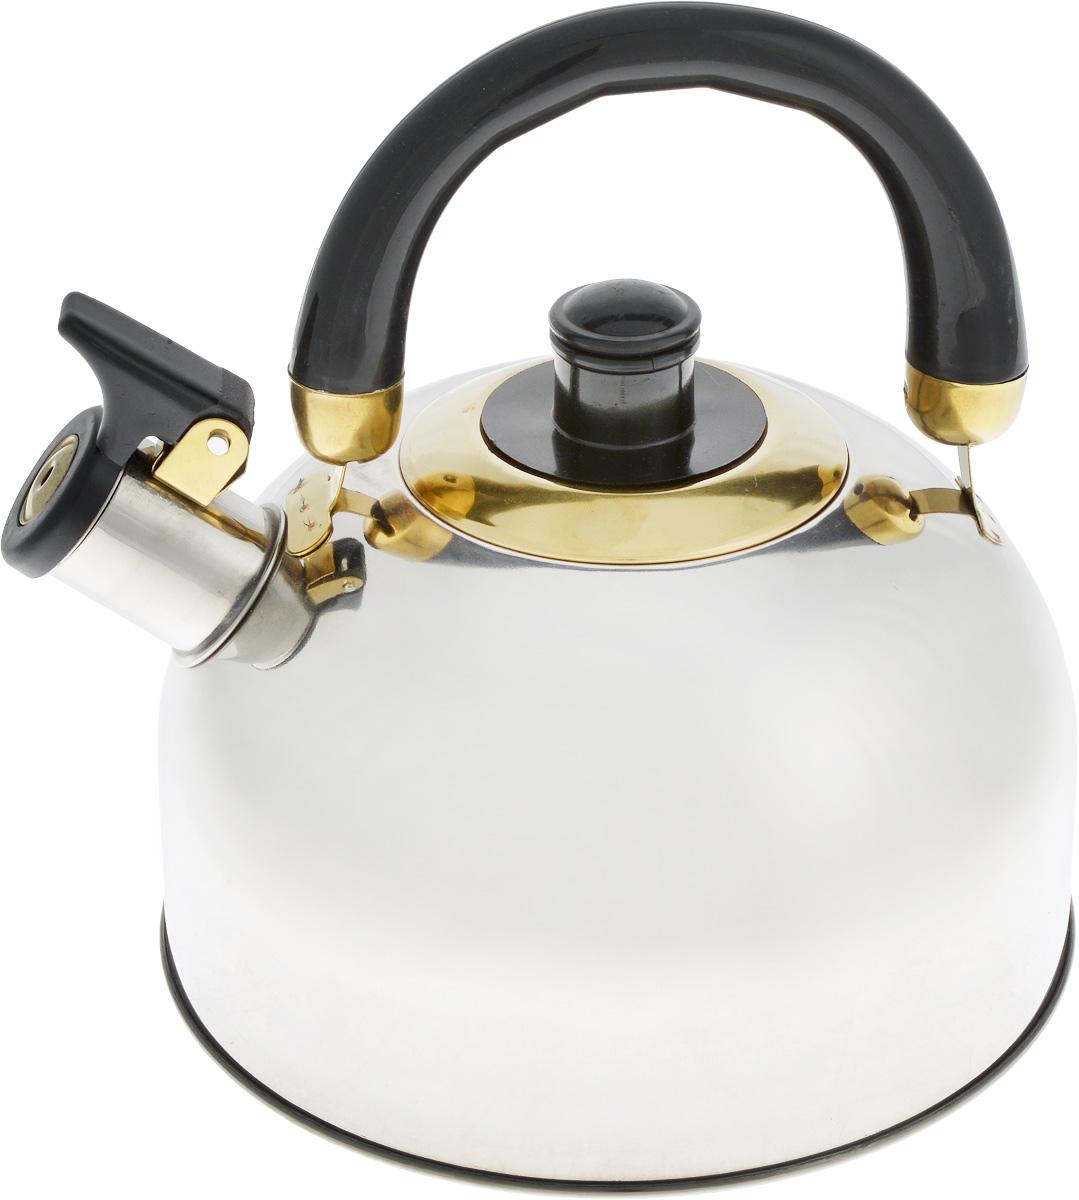 Чайник Bohmann, со свистком, 2,5 л0050001Чайник Bohmann изготовлен из нержавеющей хромоникелевой стали с зеркальной полировкой. Высококачественная сталь представляет собой материал, из которого в течение нескольких десятилетий во всем мире производятся столовые приборы, кухонные инструменты и различные аксессуары. Этот материал обладает высокой стойкостью к коррозии и кислотам. Прочность, долговечность и надежность этого материала, а также первоклассная обработка обеспечивают практически неограниченный запас прочности и неизменно привлекательный внешний вид. Чайник оснащен удобной ручкой из бакелита черного цвета. Ручка не нагревается, что предотвращает появление ожогов и обеспечивает безопасность использования. Носик чайника имеет откидной свисток для определения кипения. Можно использовать на всех типах плит, включая индукционные. Можно мыть в посудомоечной машине. Диаметр (по верхнему краю): 8,5 см.Высота чайника (без учета ручки): 11 см.Высота чайника (с учетом ручки): 20 см.Диаметр основания: 11,5 см.